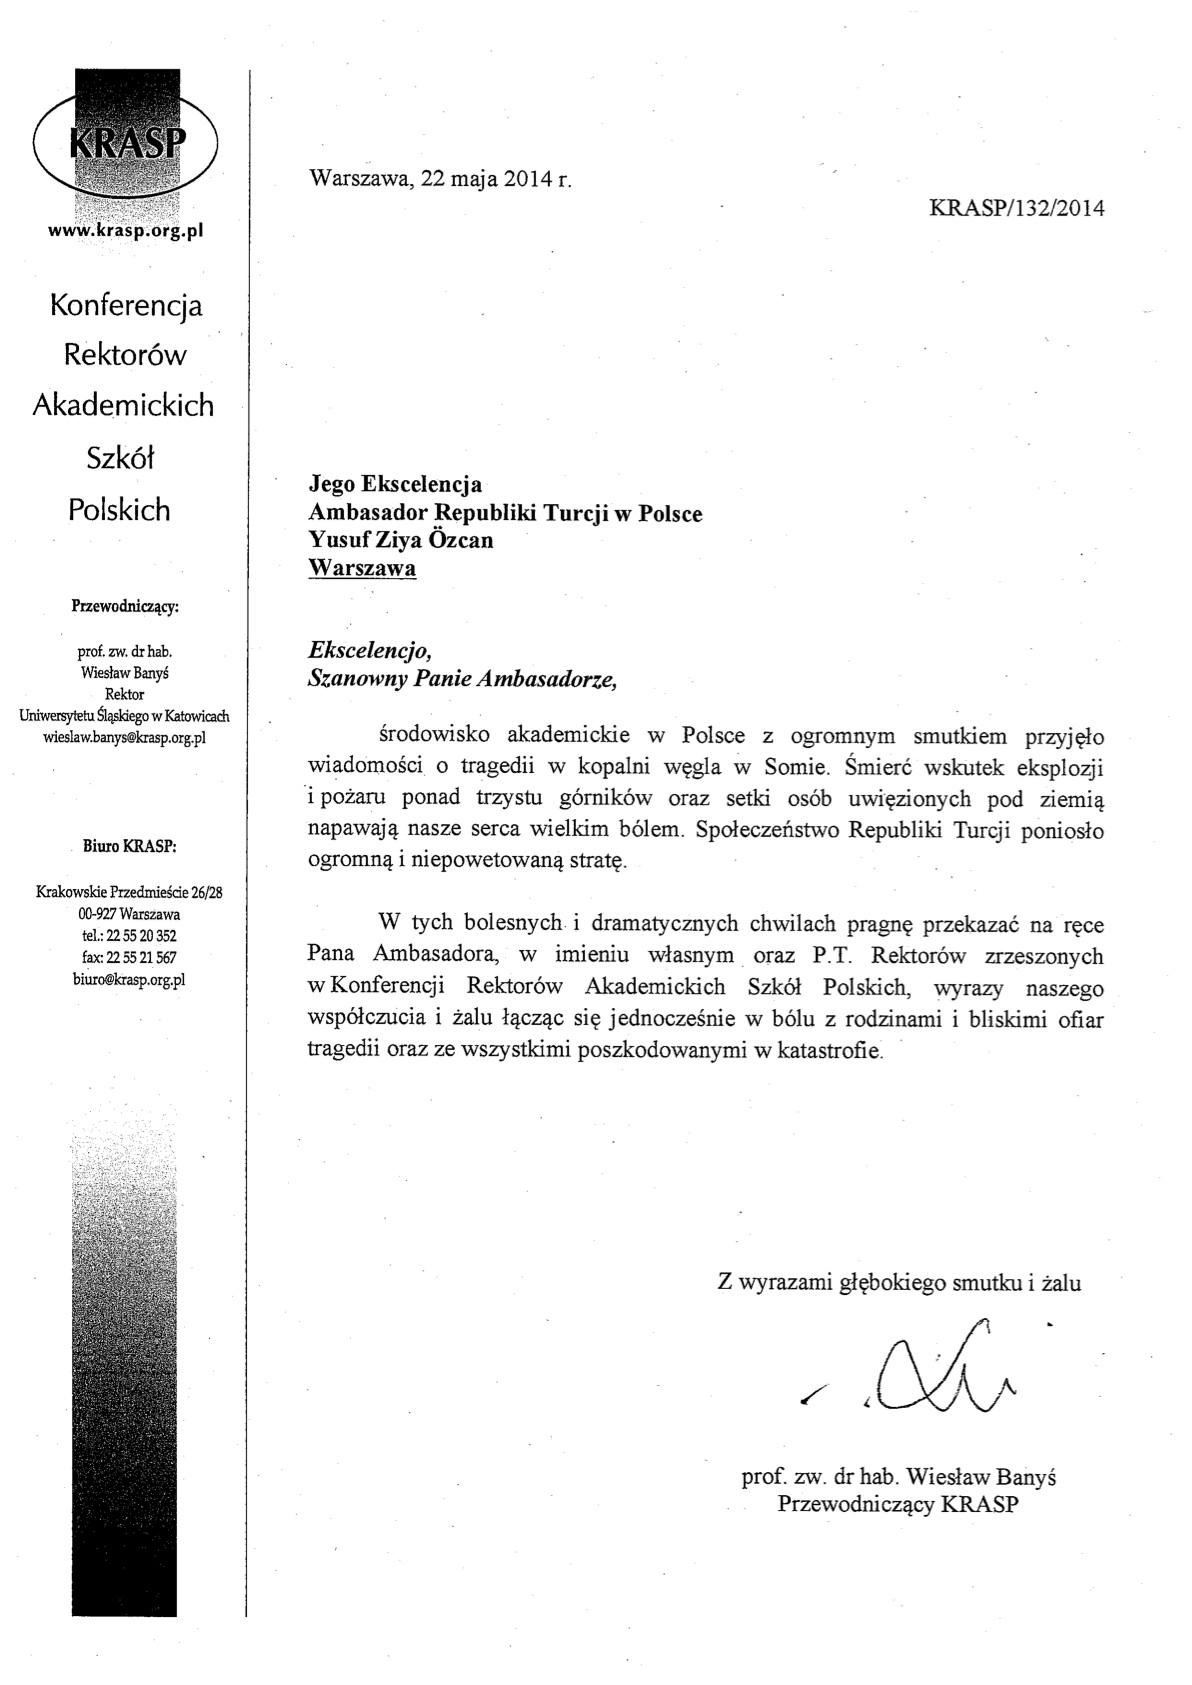 Pismo Przewodniczacego KRASP